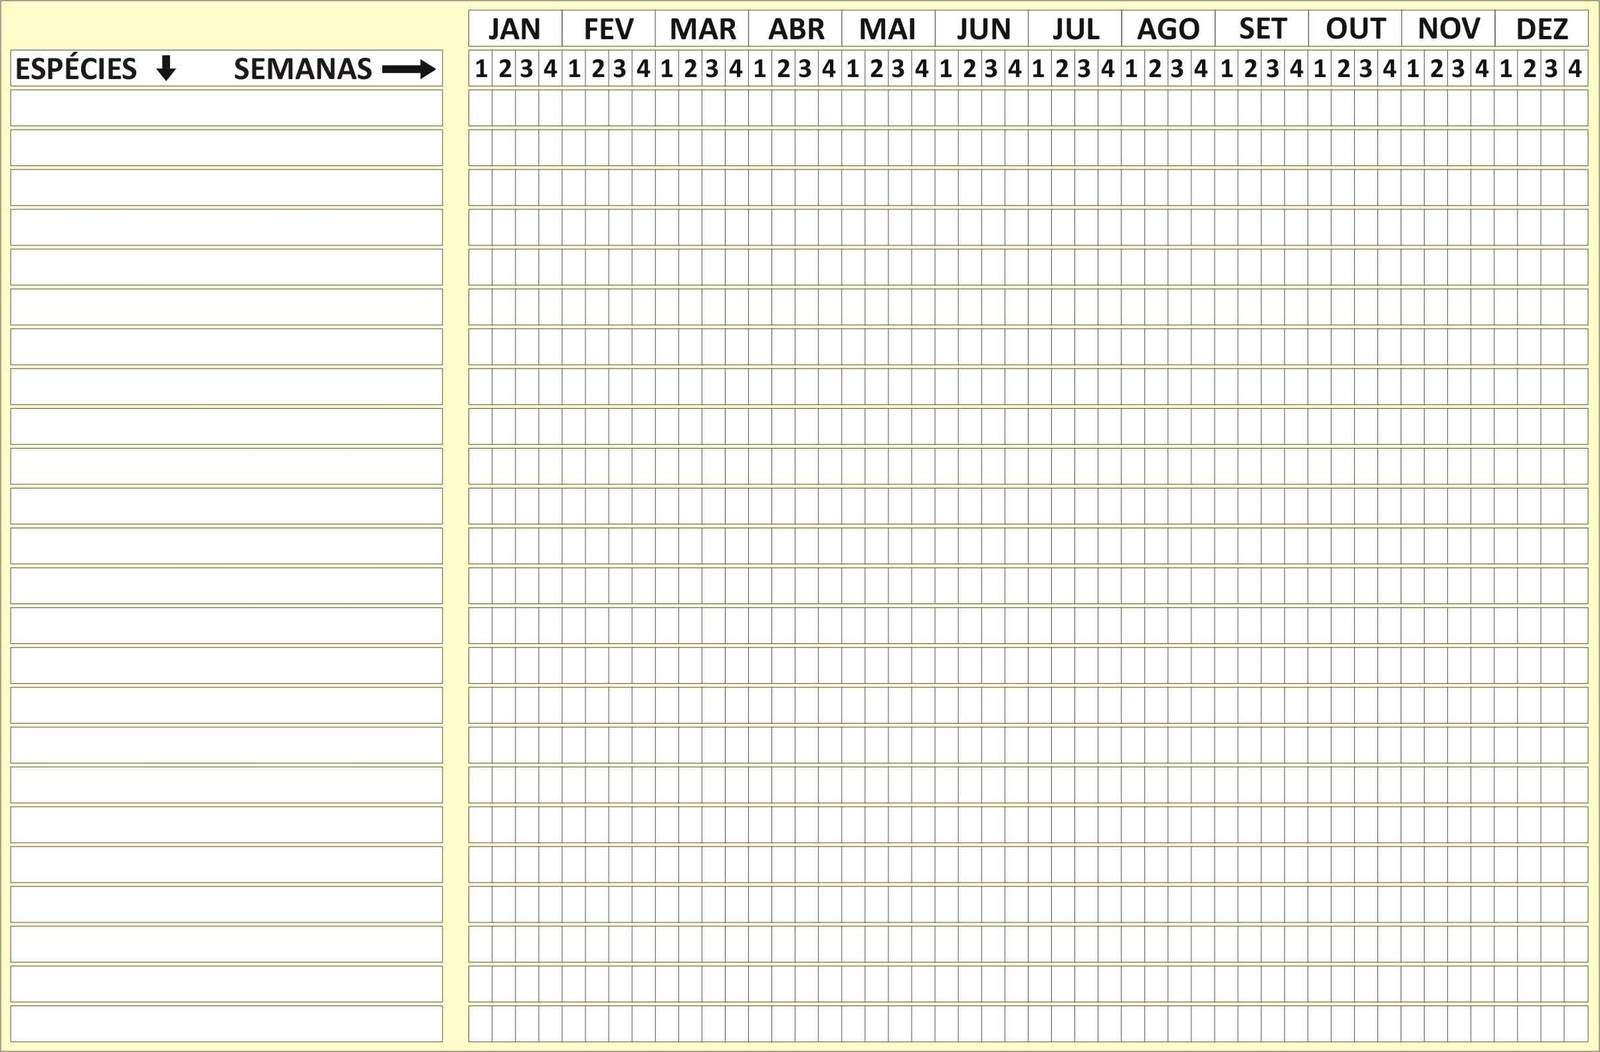 Tabela em branco, para quem a quiser preencher e enviar-me, para que ...